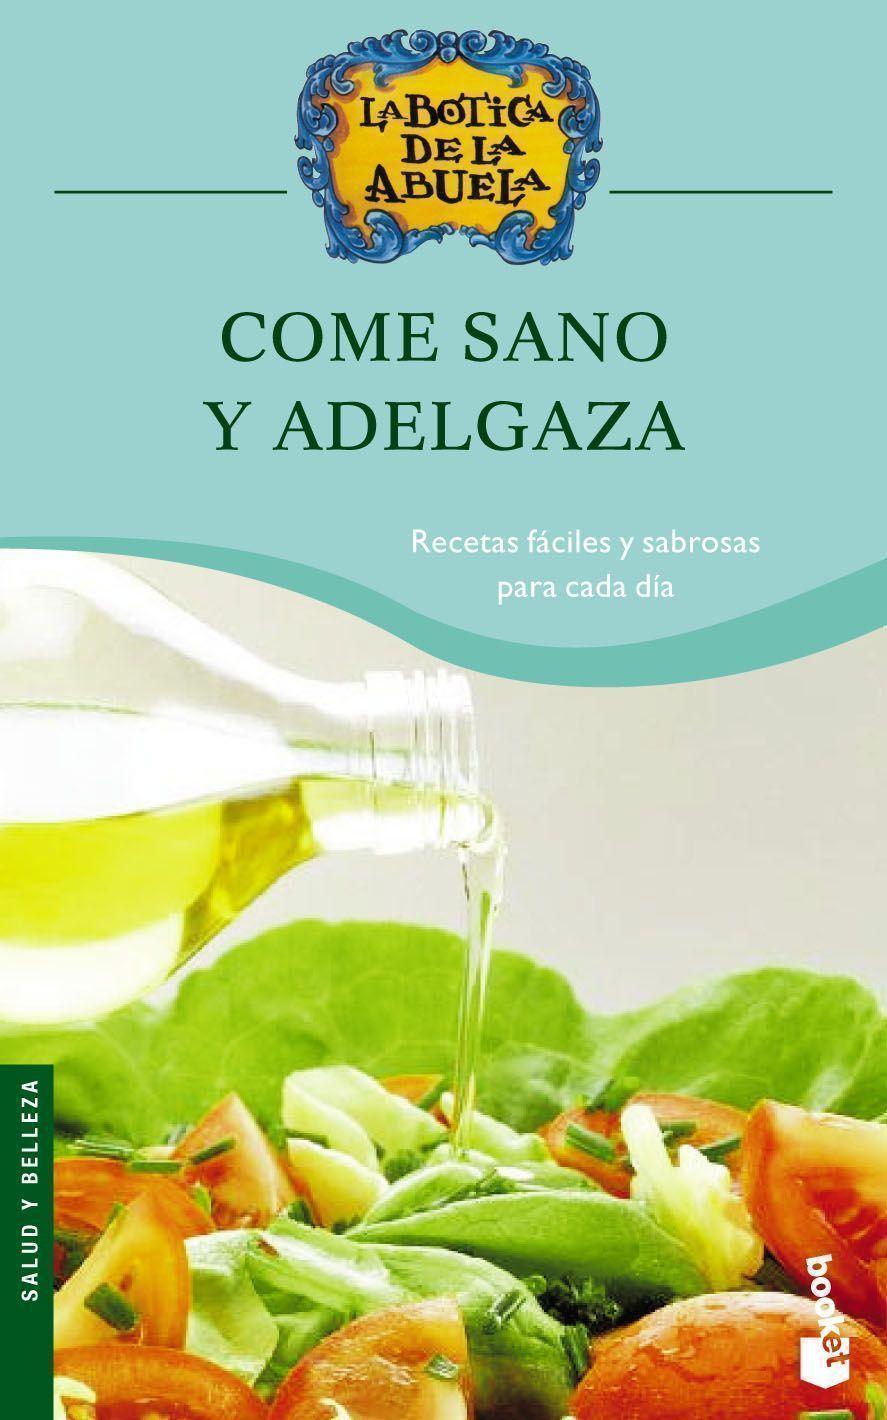 Come Sano Y Adelgaza (la Botica De La Abuela) por Vv.aa.